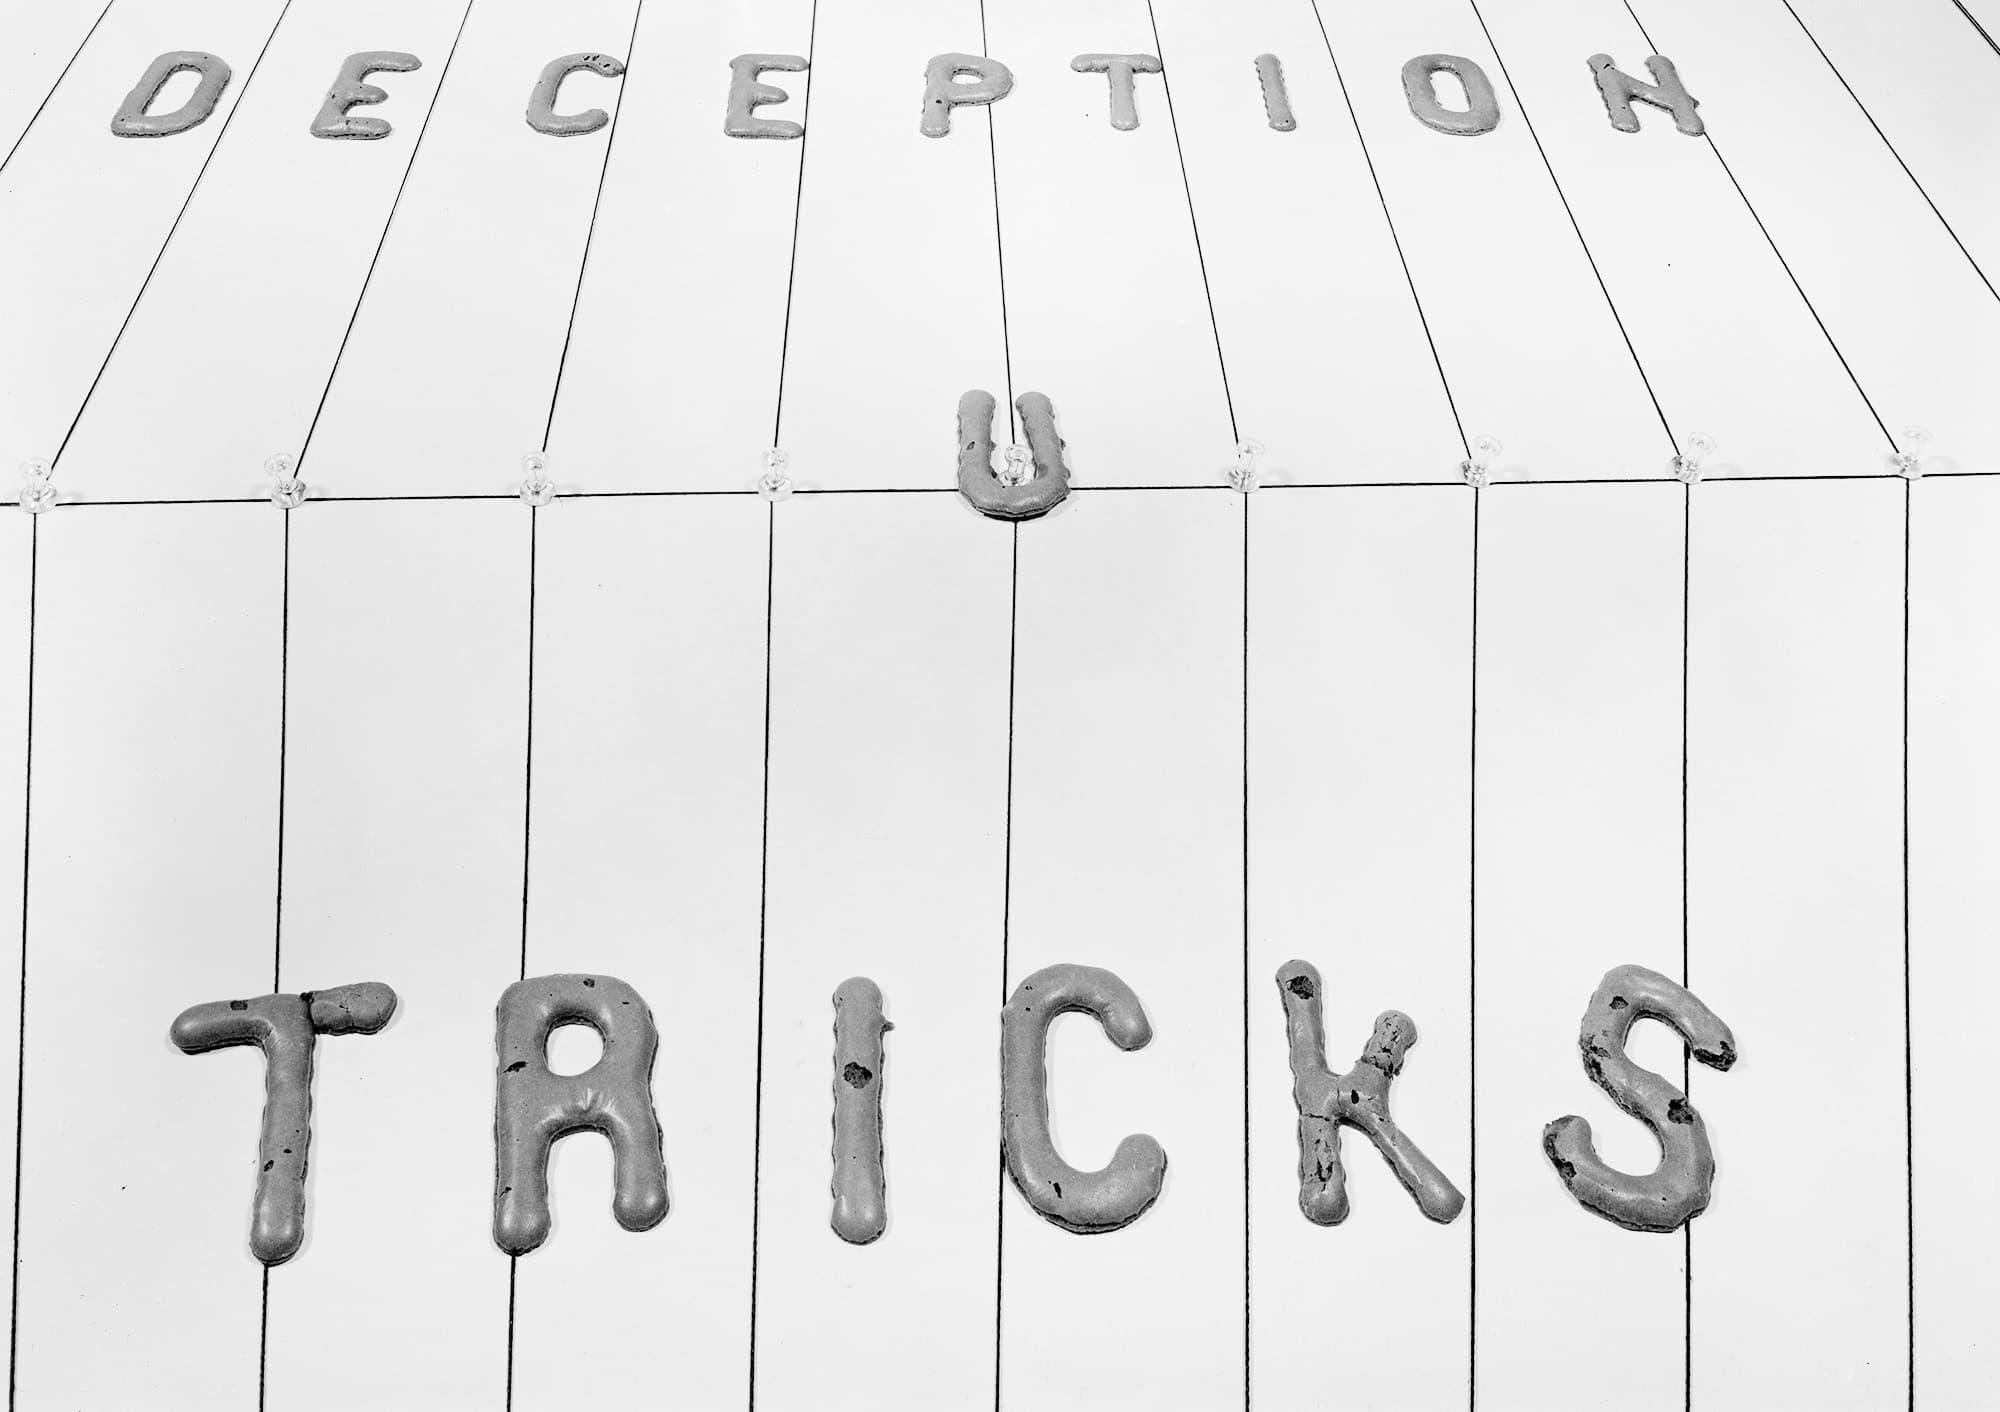 Deception Tricks You, 1977